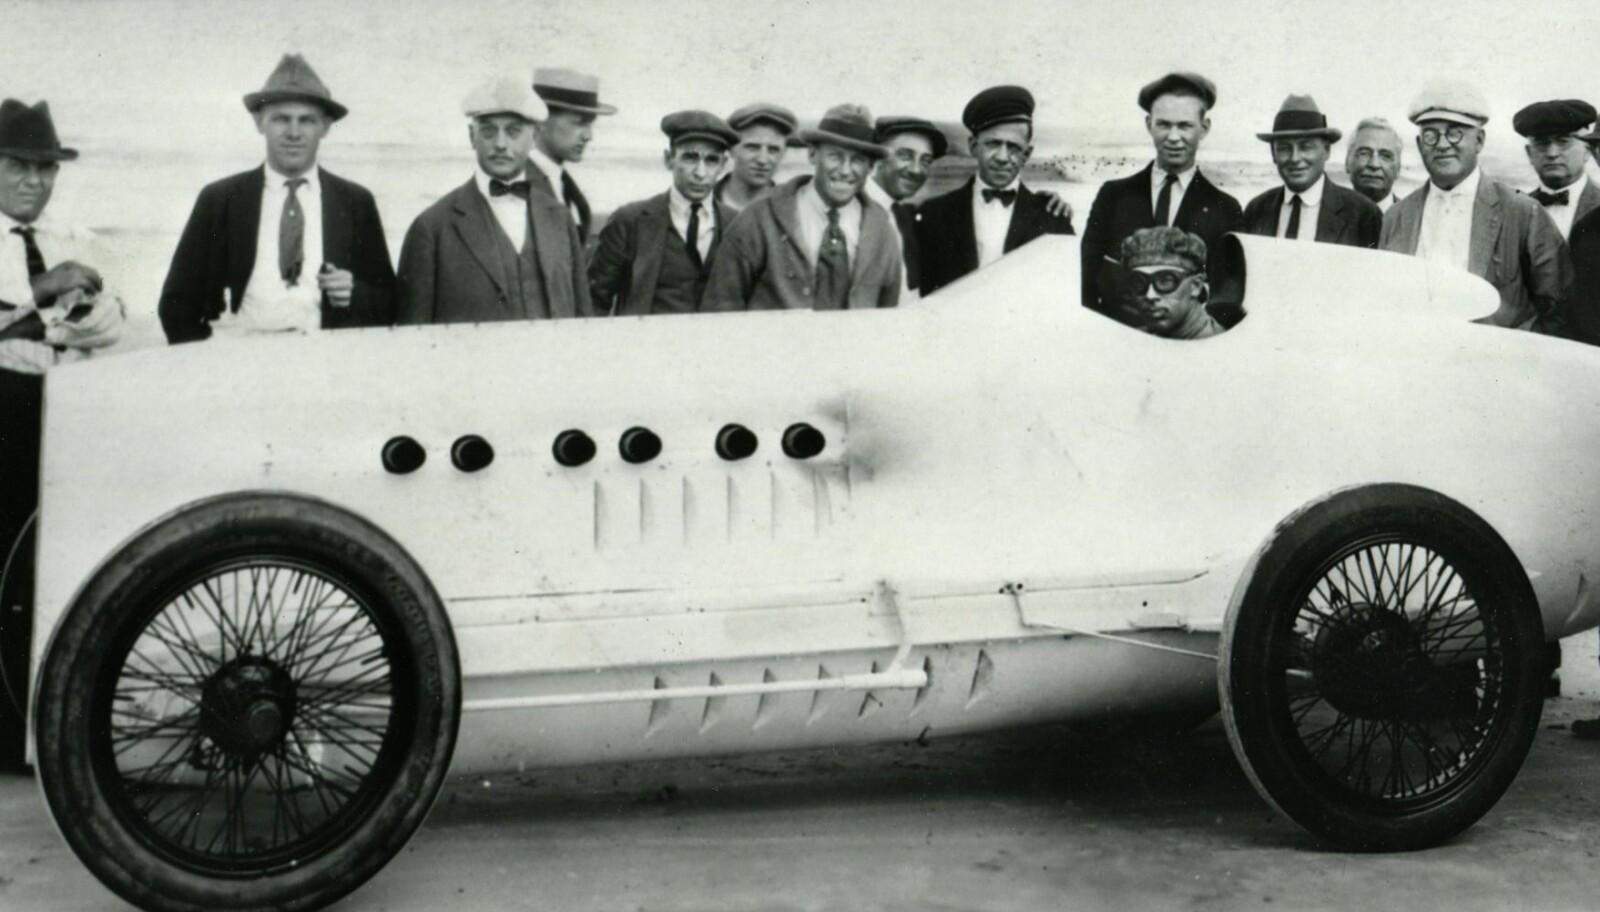 <b>KRUTTØNNE:</b> Signaturbilen Wisconsin Special var dråpeformet, med karosseri i aluminium, og en 250-hestekrefters flymotor fra første verdenskrig koblet til bakakslingen.